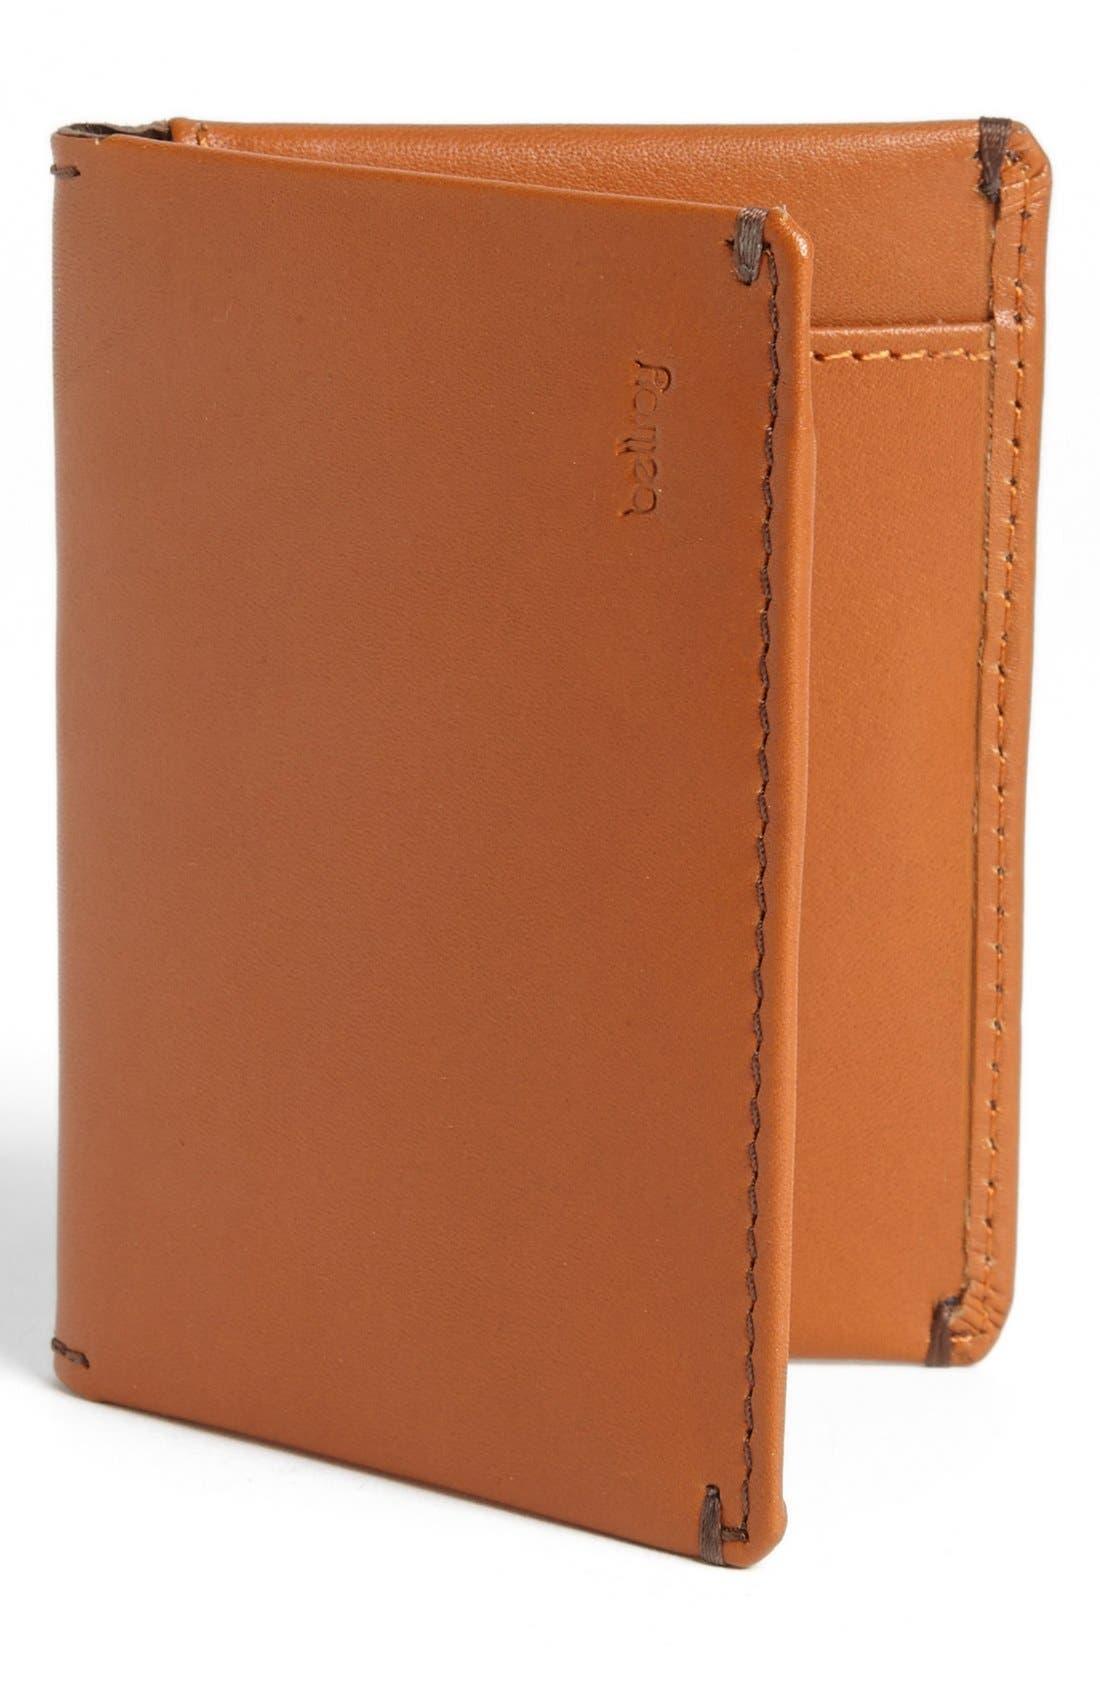 Alternate Image 1 Selected - Bellroy Slim Sleeve Wallet